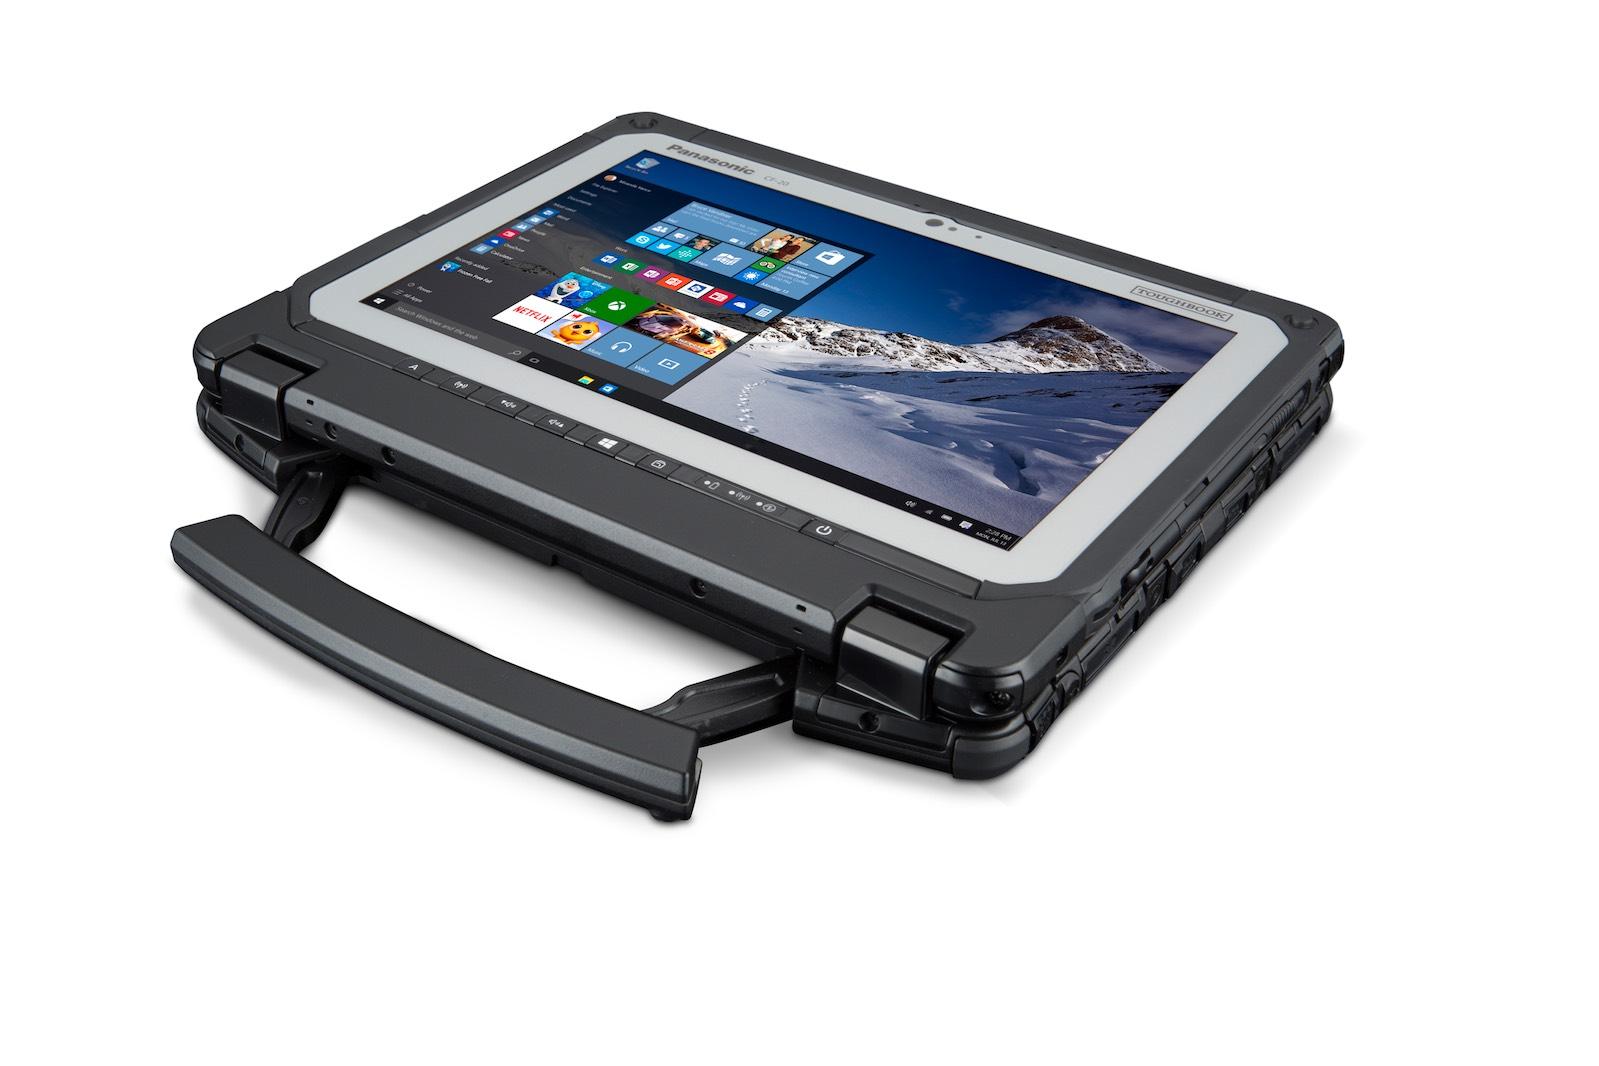 Panasonic представила гибридный защищенный планшет Toughbook CF-20